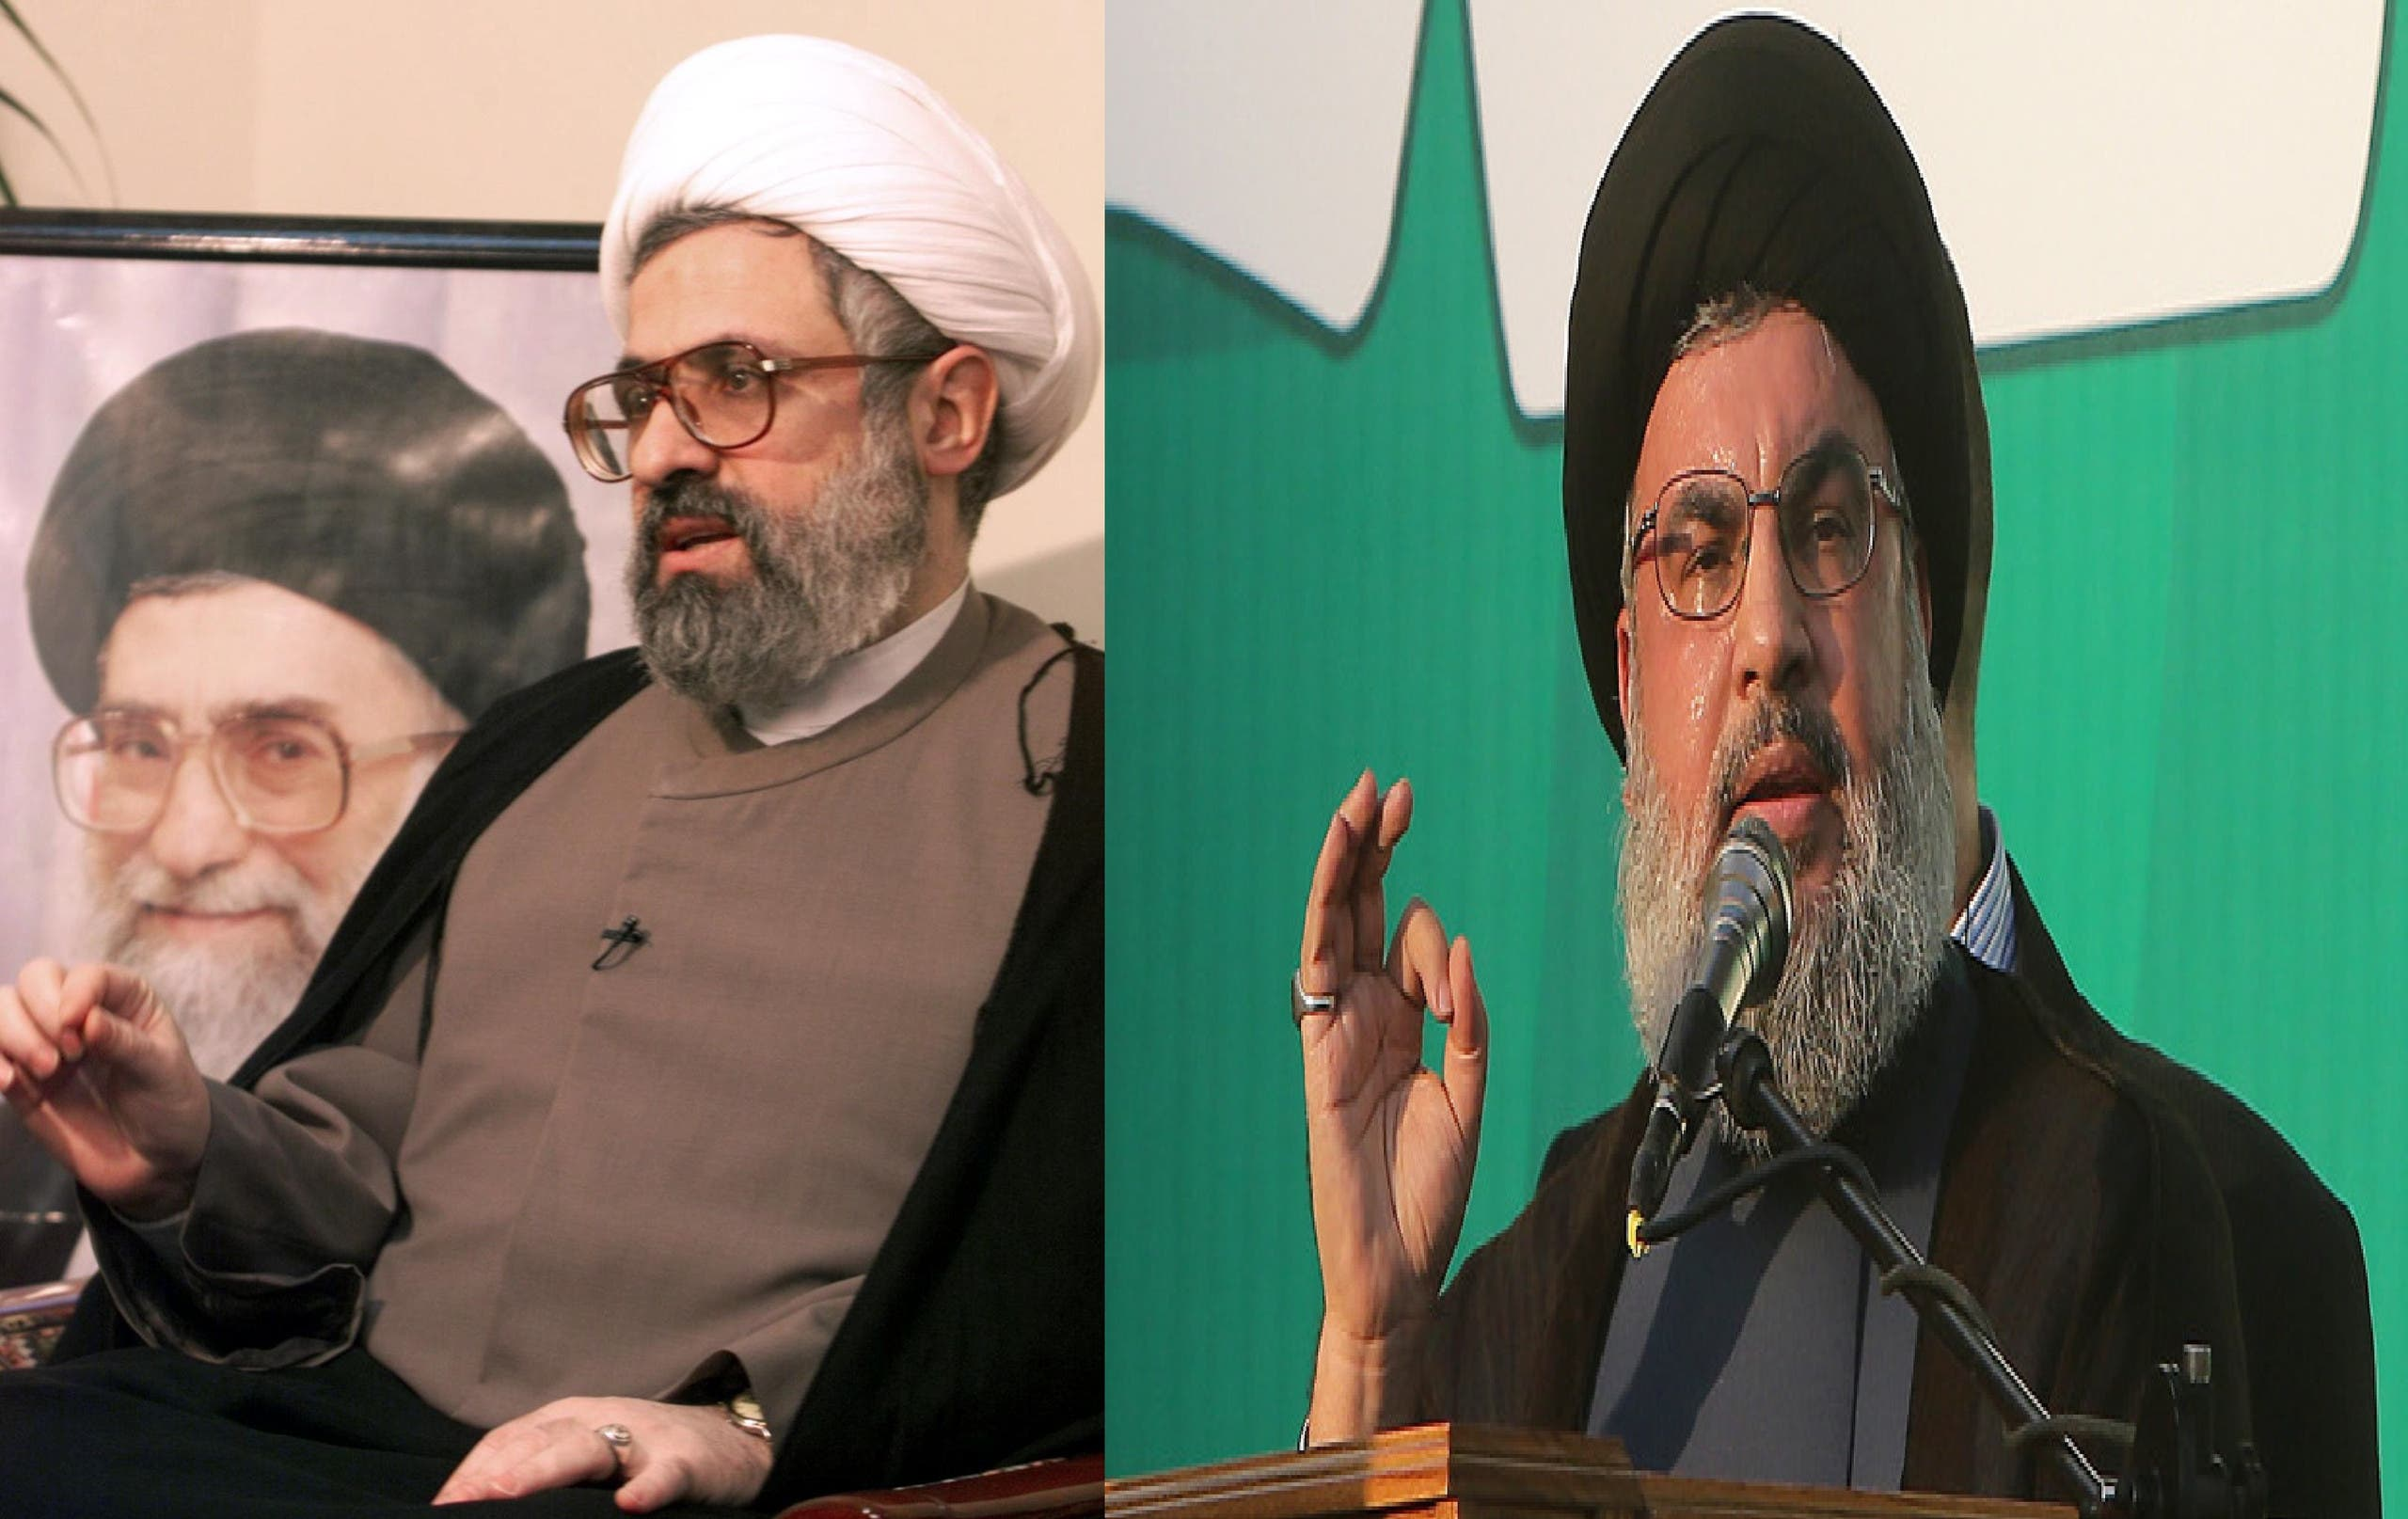 حزب اللہ کے سربراہ حسن نصرالله اور ان کے نائب نعيم قاسم